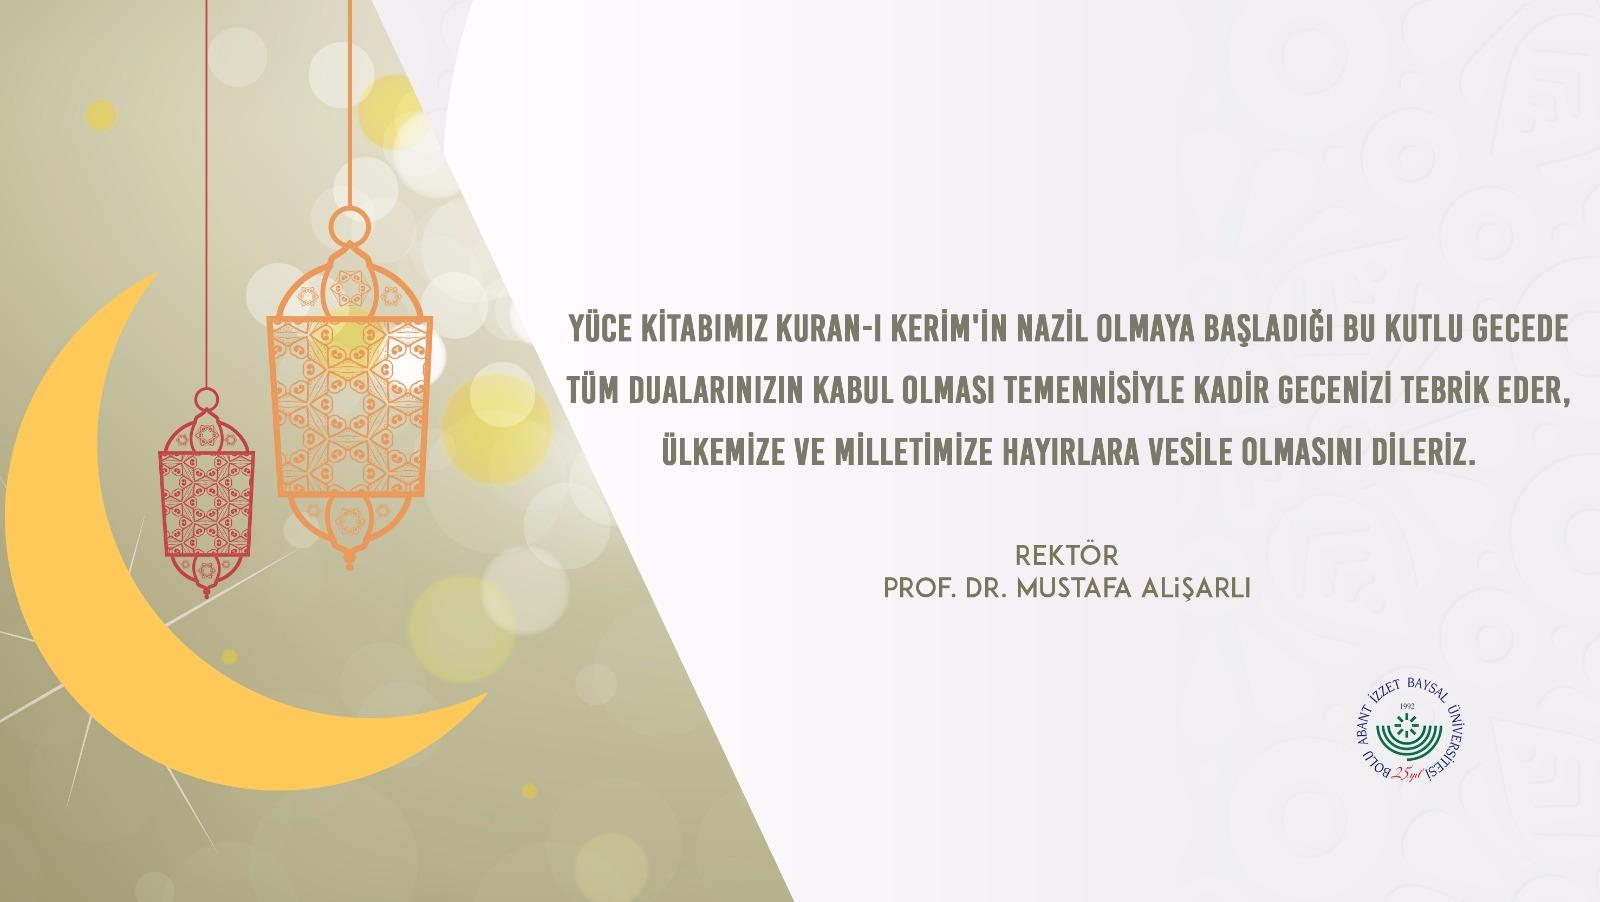 """""""Yüce Kitabımız Kuran-ı Kerim'in nazil olmaya başladığı bu kutlu gecede tüm dualarınızın kabul olması temennisiyle Kadir Gecenizi tebrik eder, Ülkemize ve Milletimize hayırlara vesile olmasını dileriz."""" Prof.Dr. Mustafa ALİŞARLI […]"""